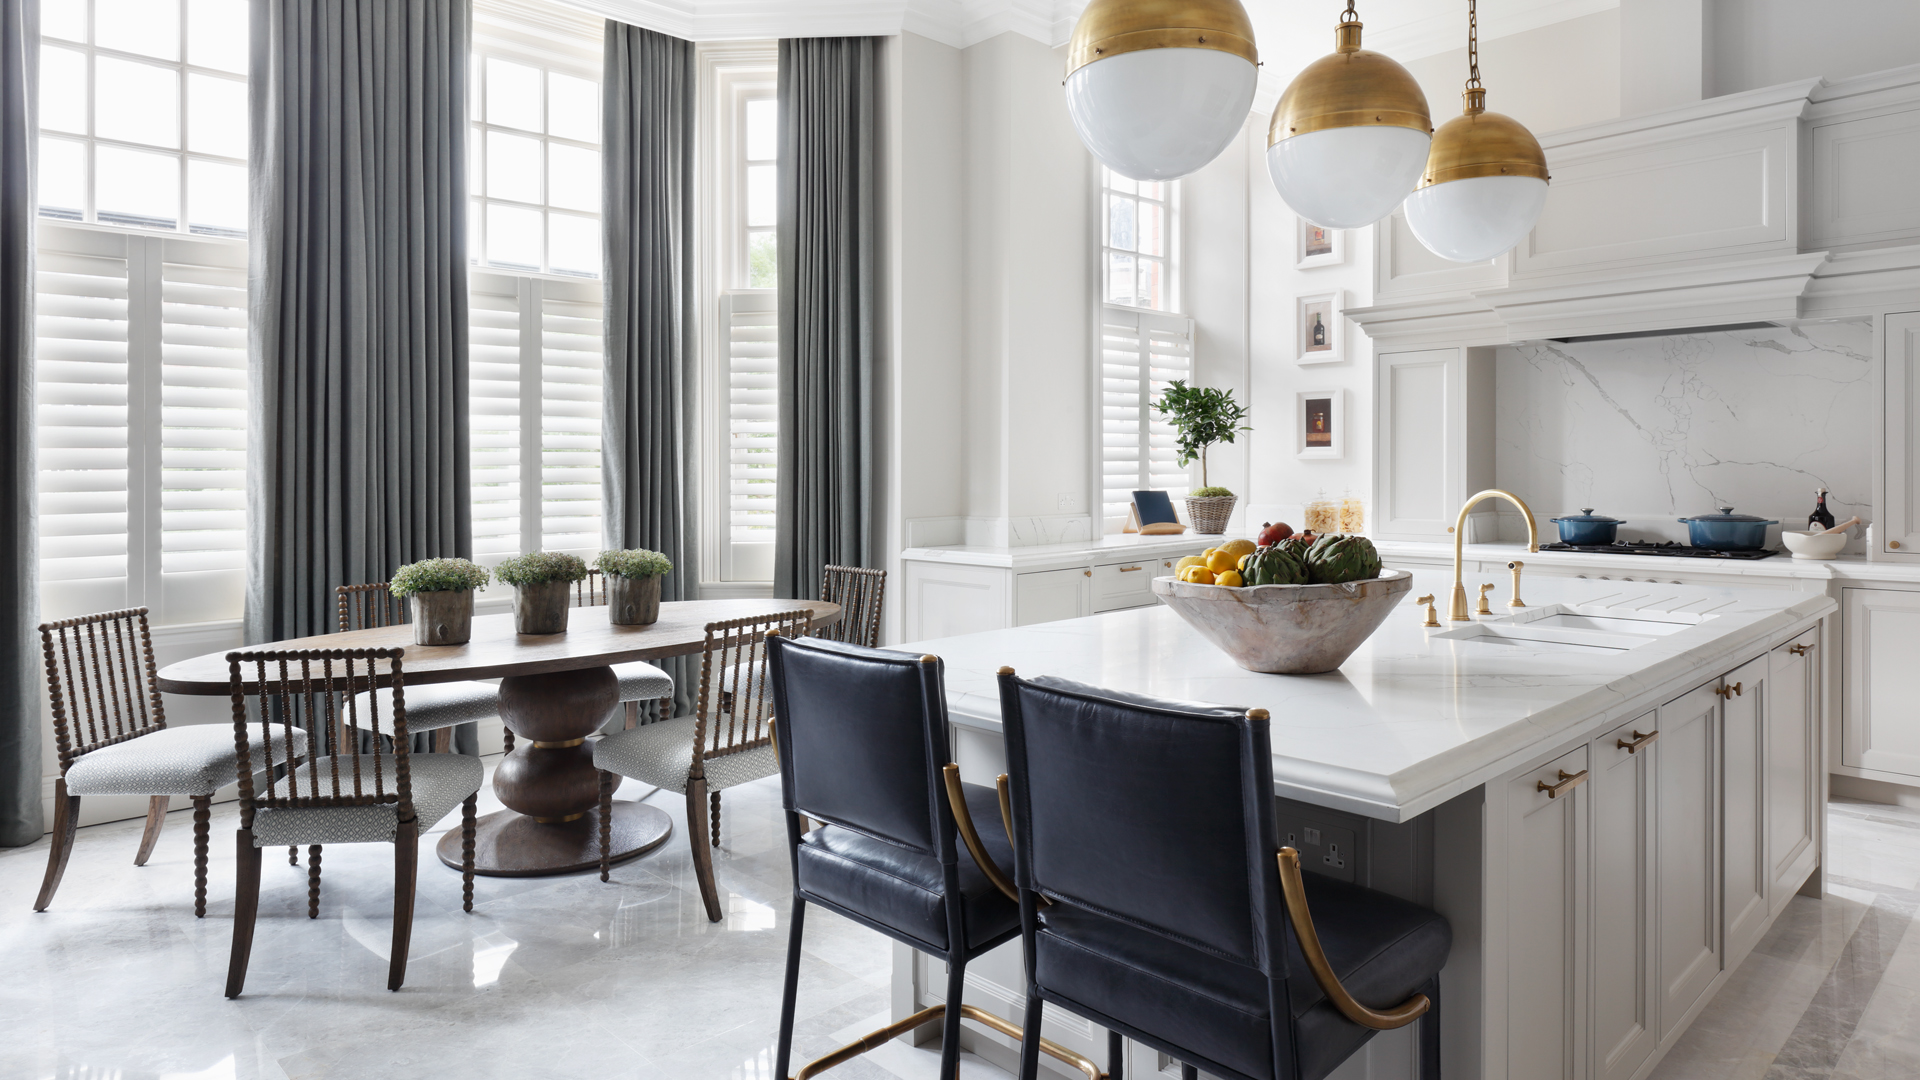 11 mẫu thiết kế phòng ăn đẹp hiện đại mà ai cũng muốn sở hữu